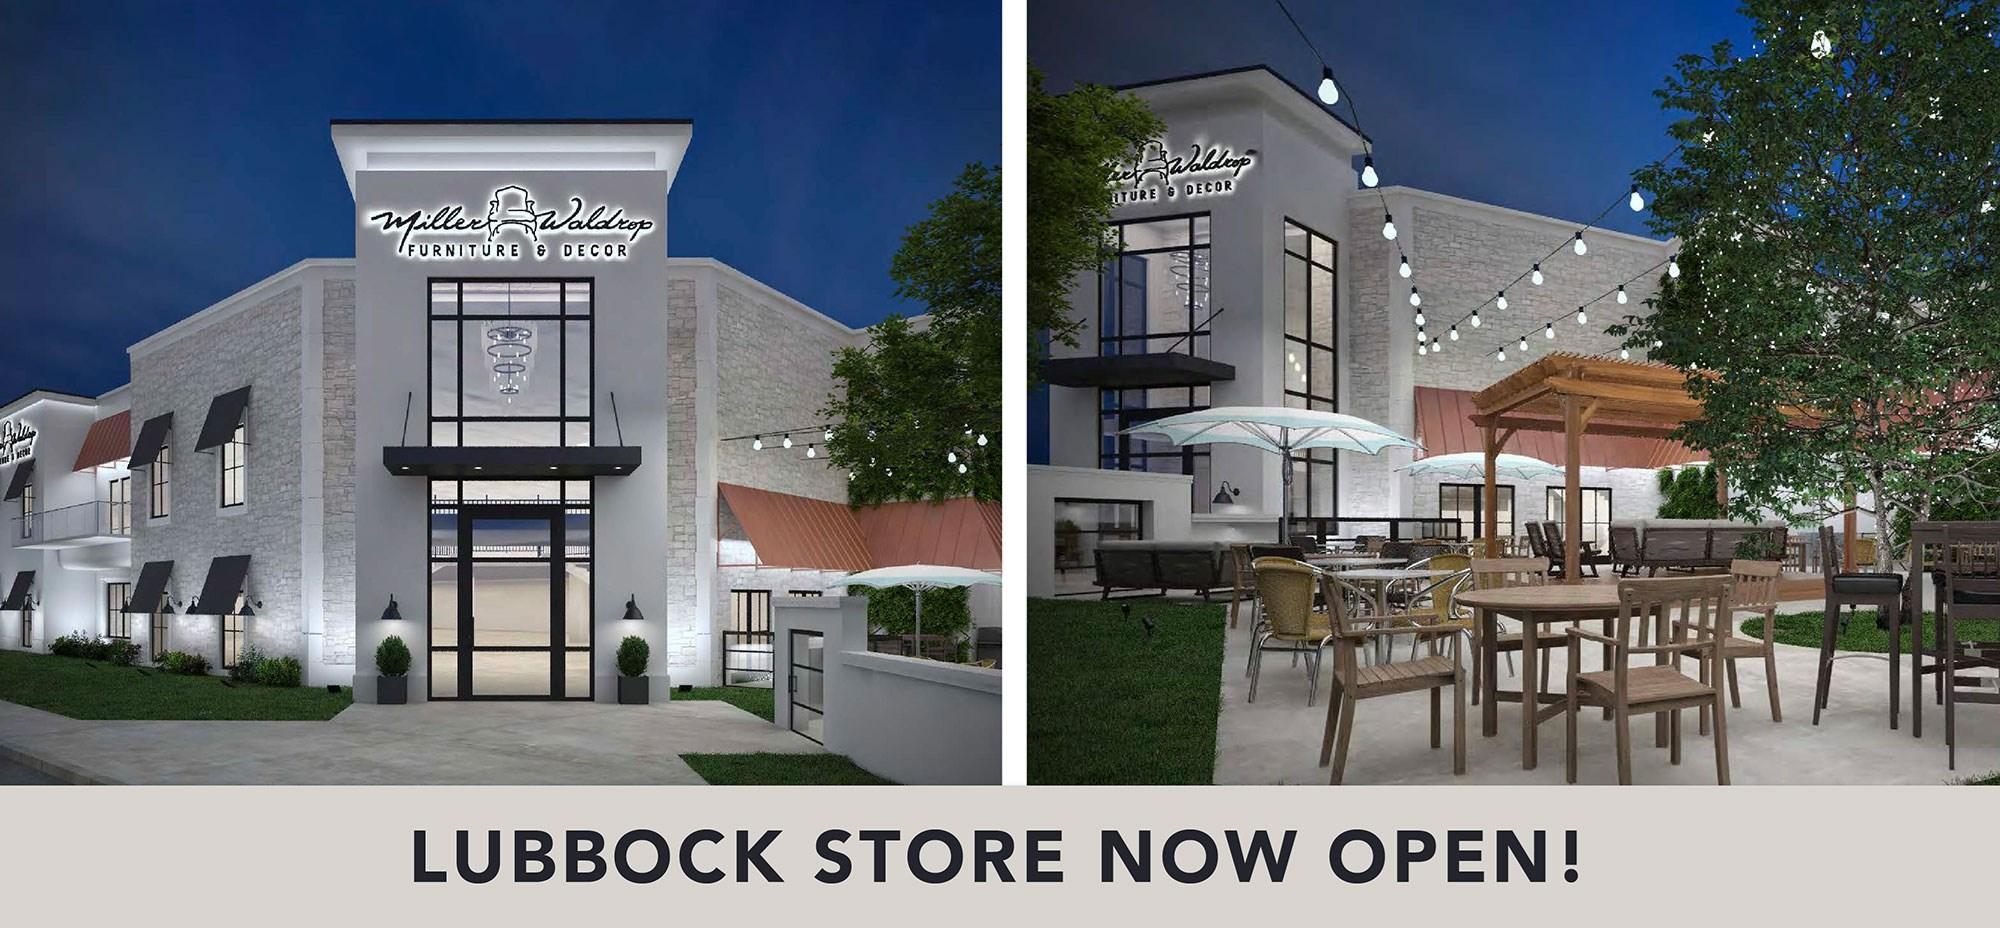 Lubbock Location Now Open